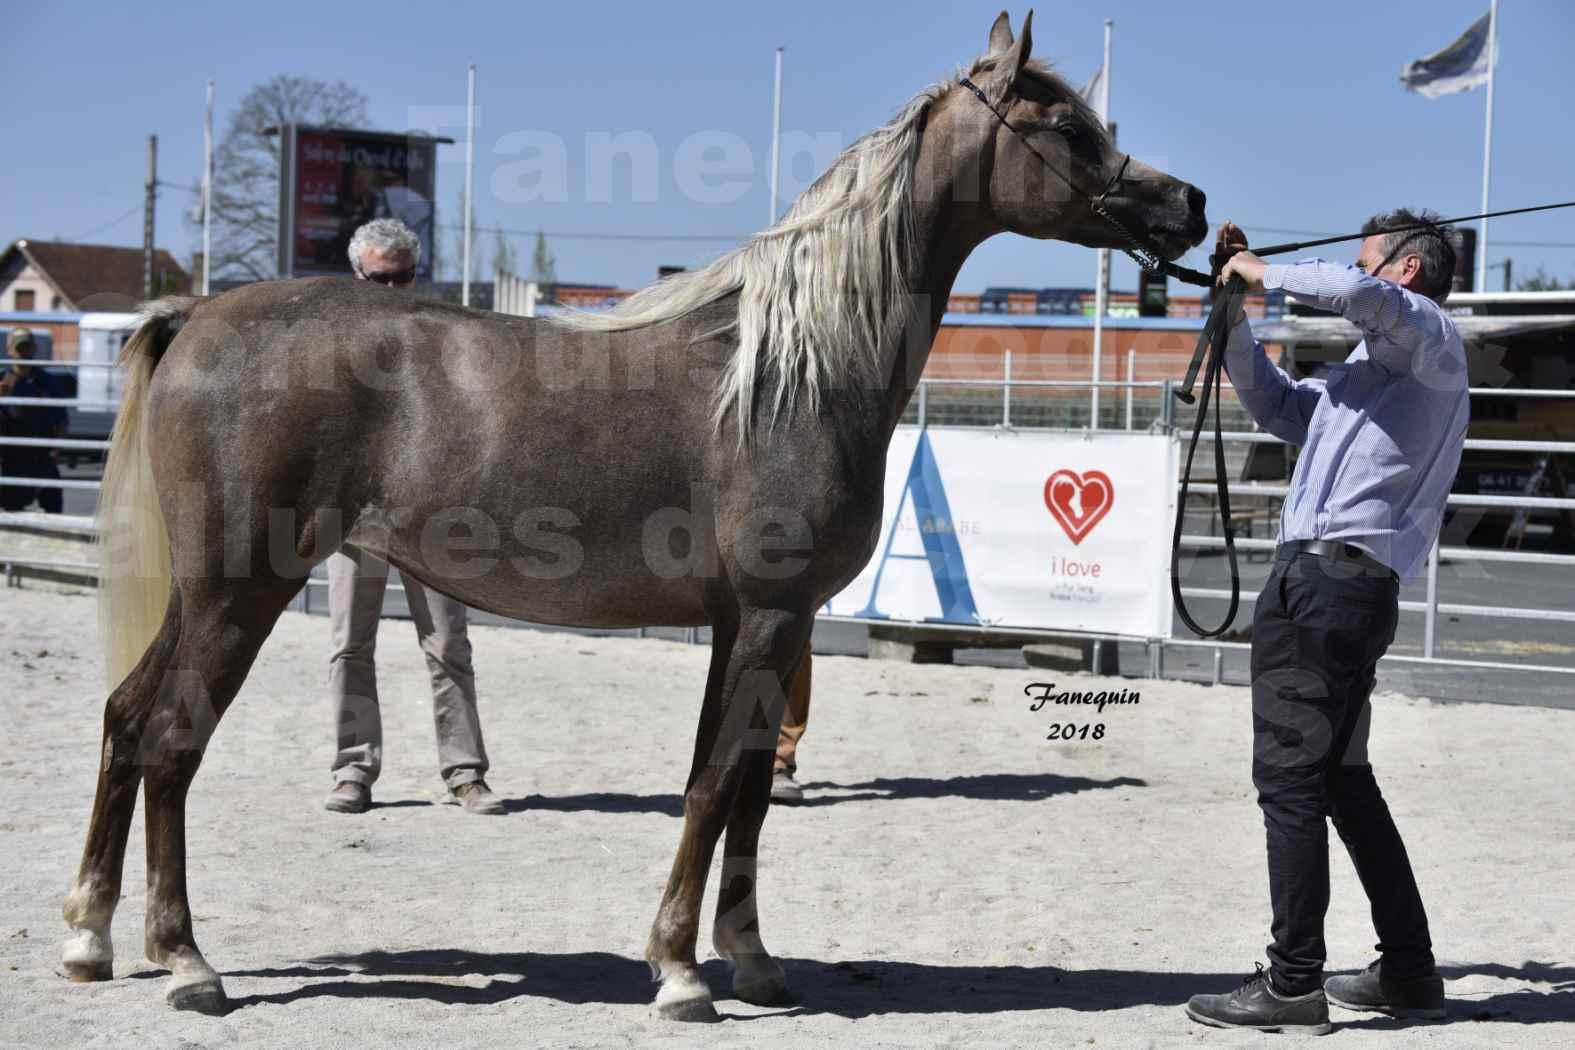 Concours d'élevage de Chevaux Arabes - Demi Sang Arabes - Anglo Arabes - ALBI les 6 & 7 Avril 2018 - DAENERYS DE LAFON - Notre Sélection - 06